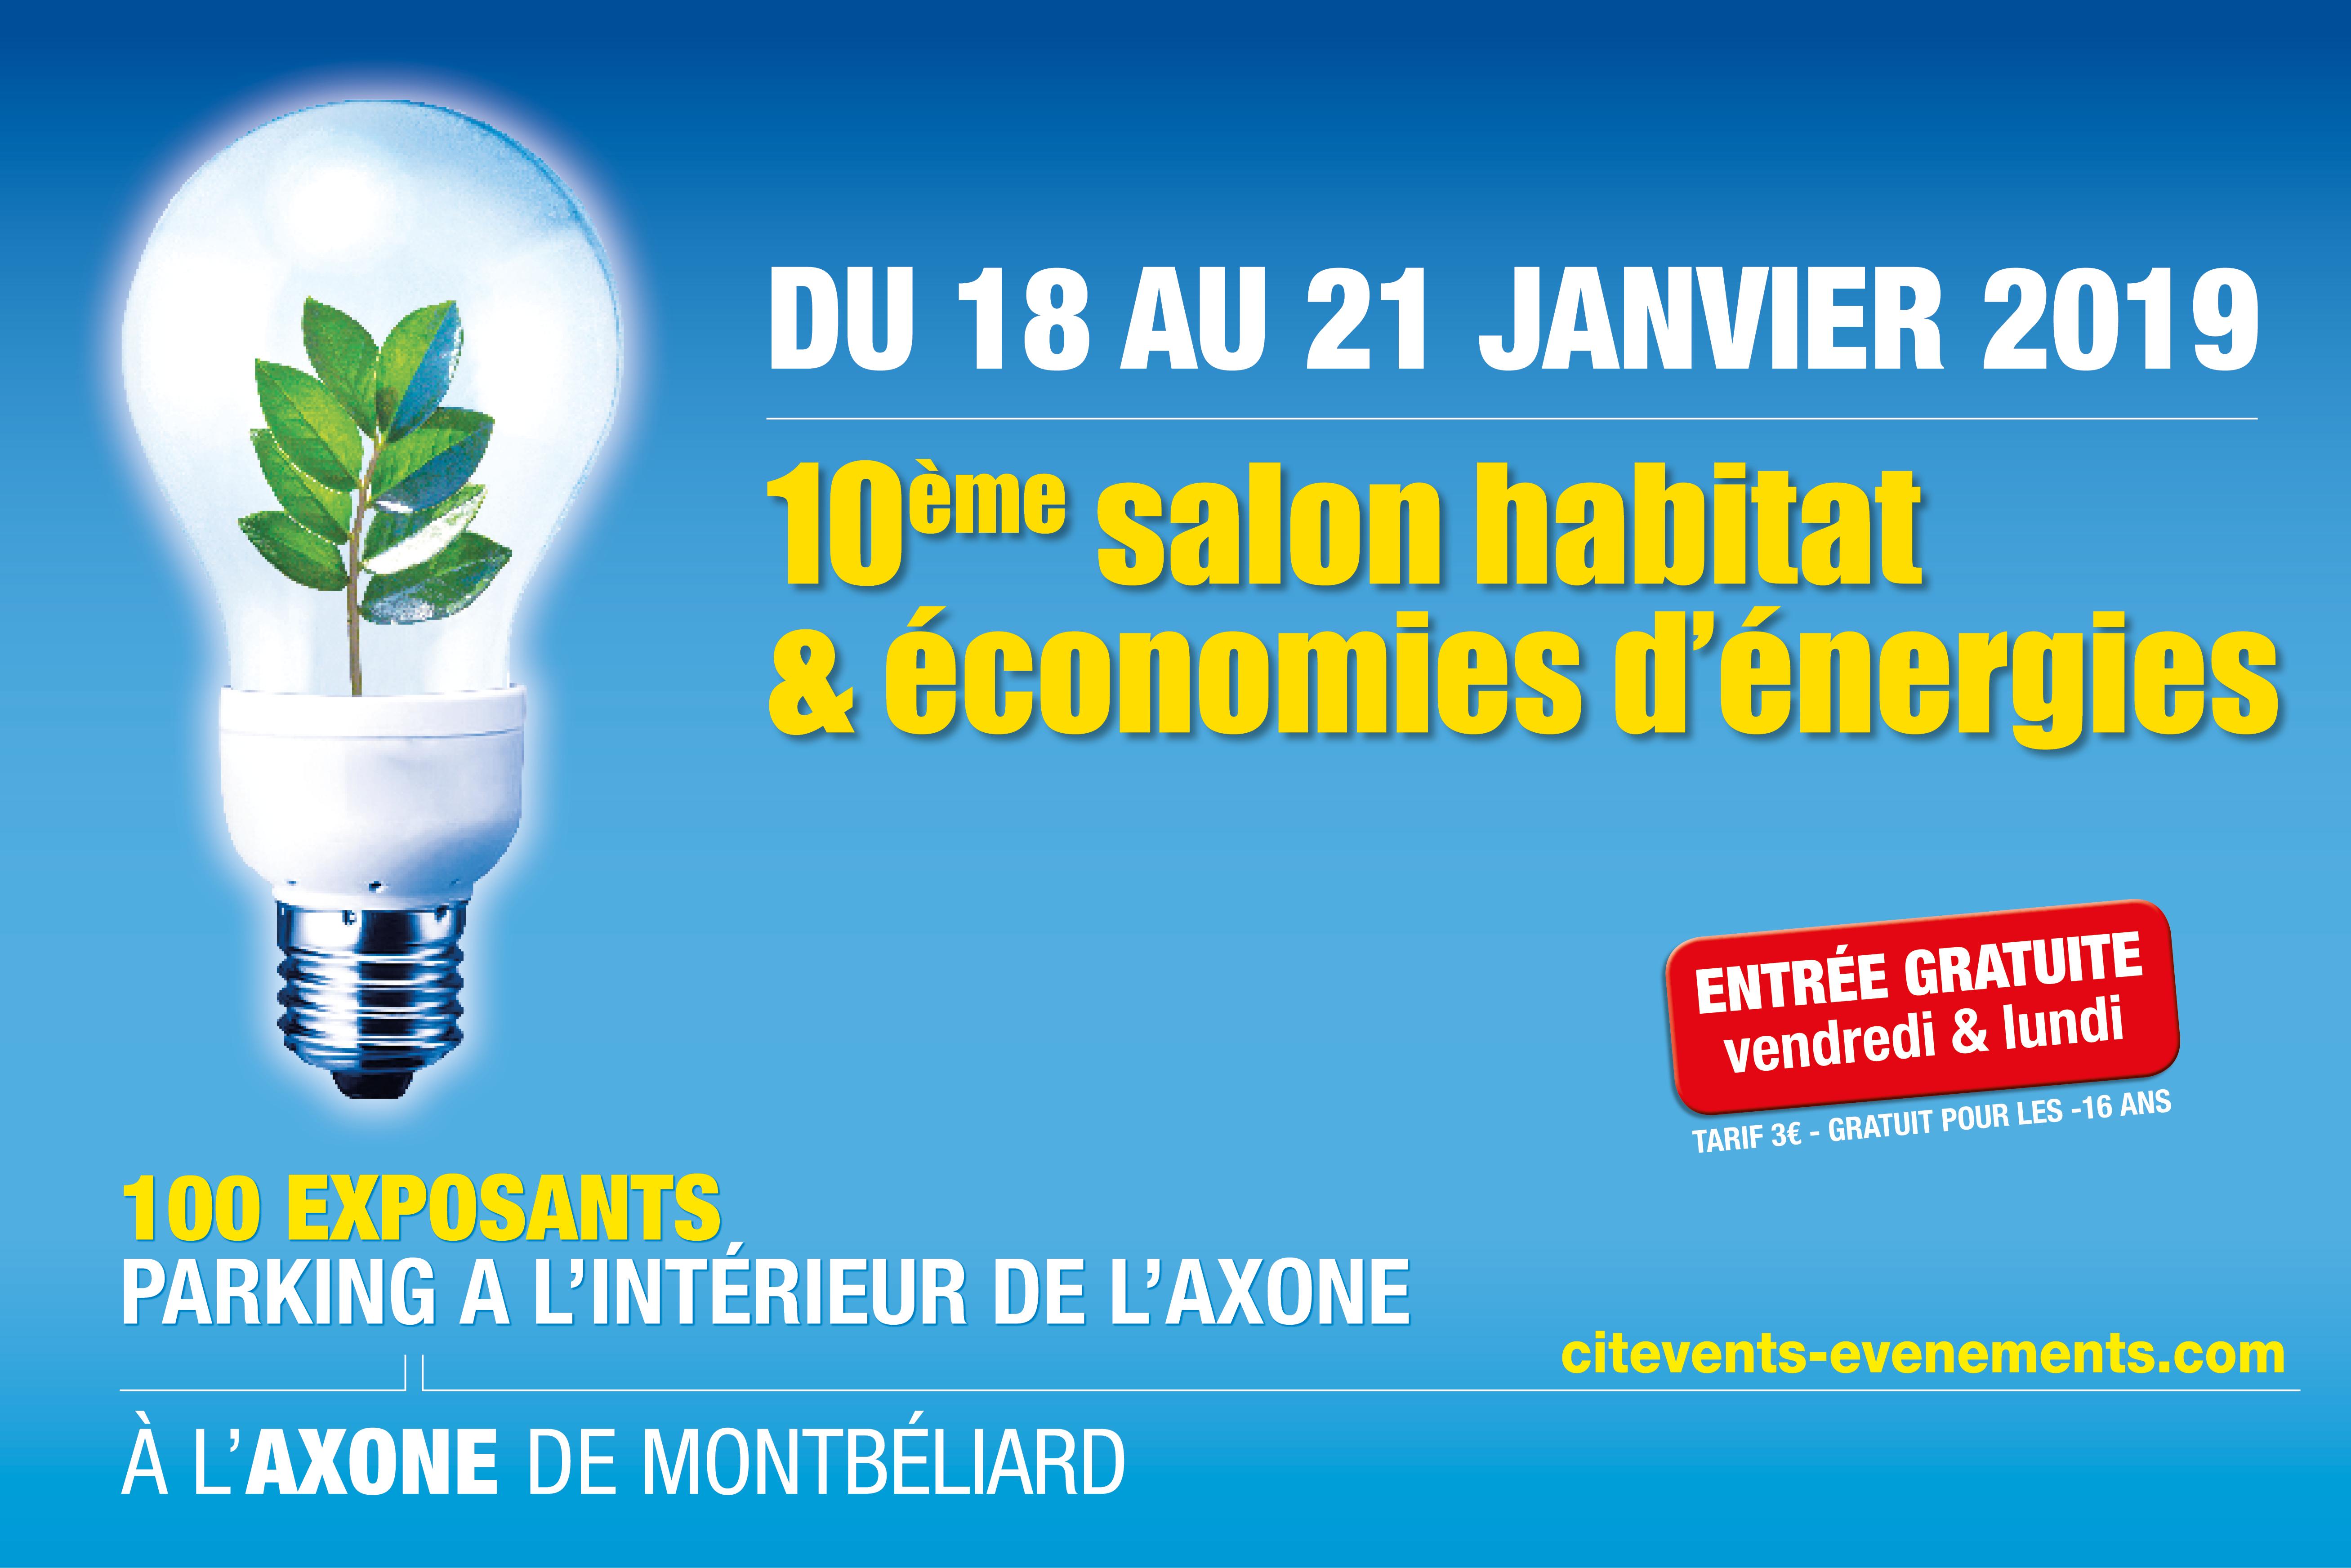 Salon Habitat & Economies d'énergie Montbéliard